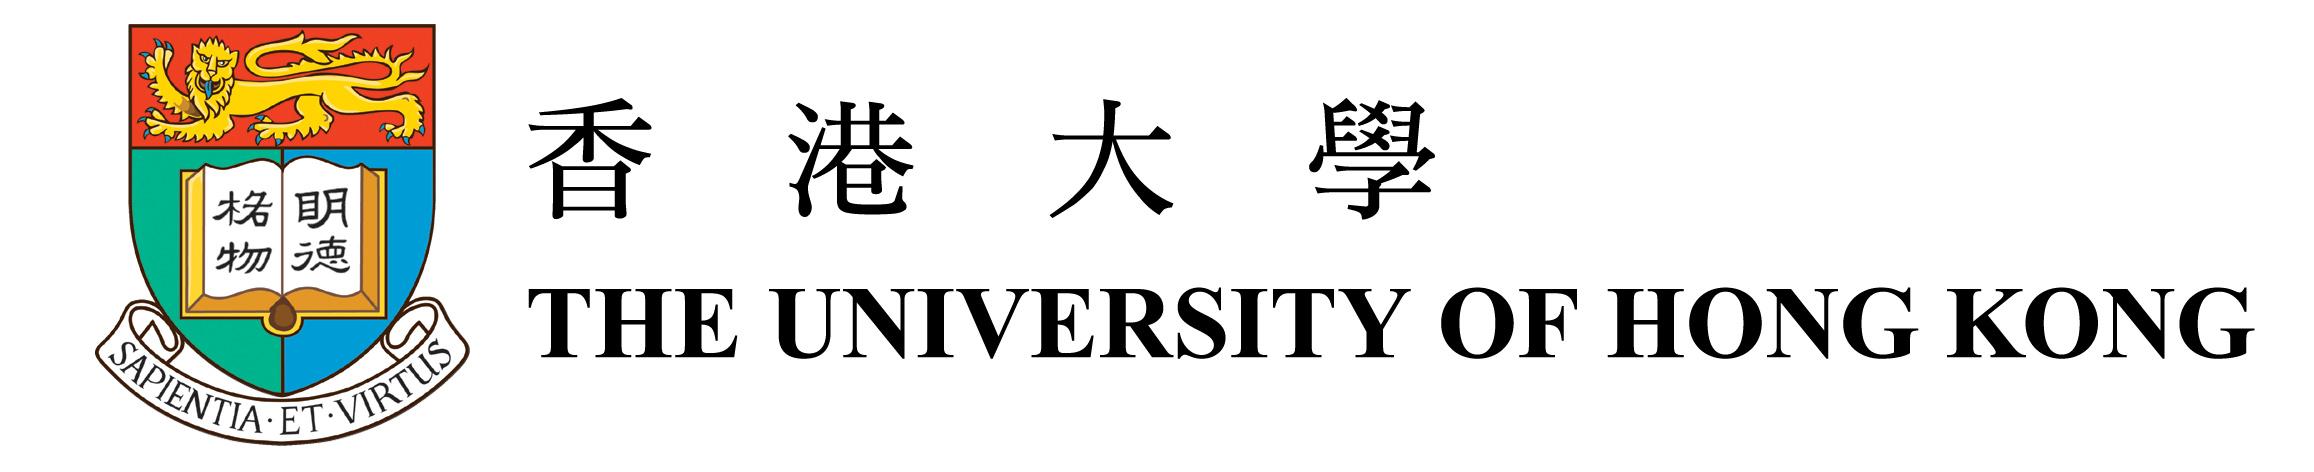 logo_CE_C1.jpg